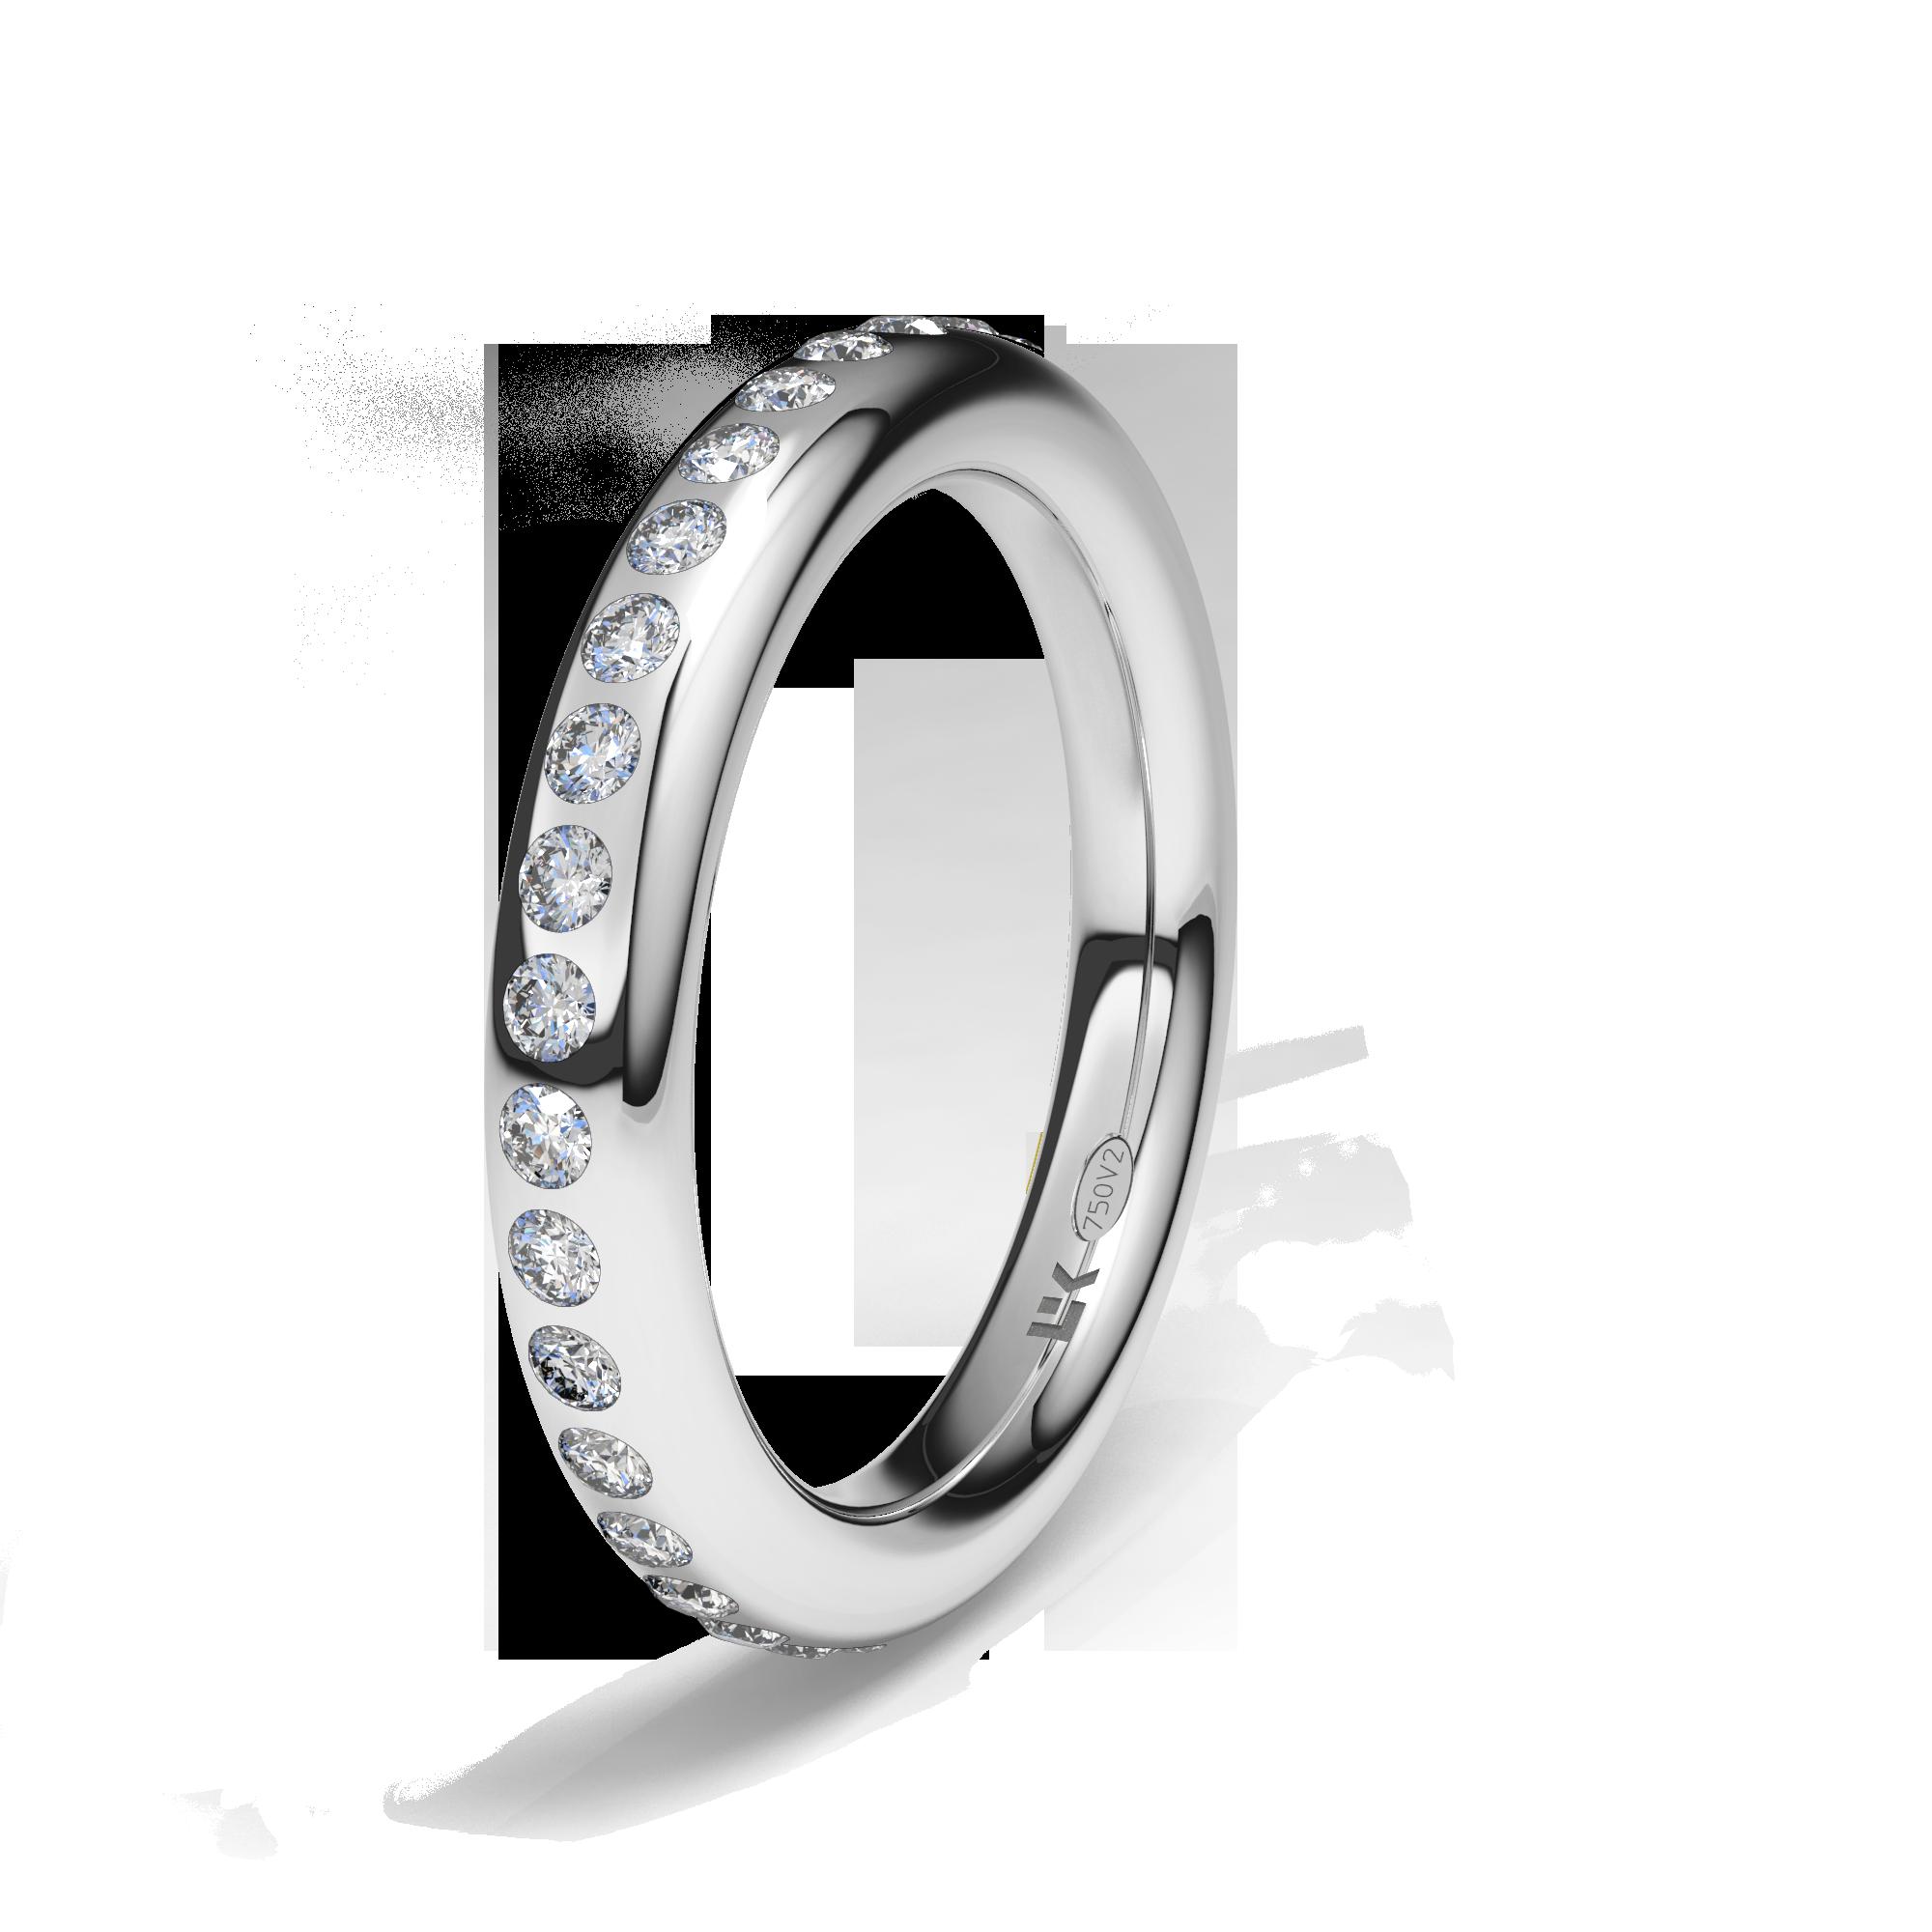 Pin En Anillos Y Alianzas Con Diamantes Diamonds Wedding Bands